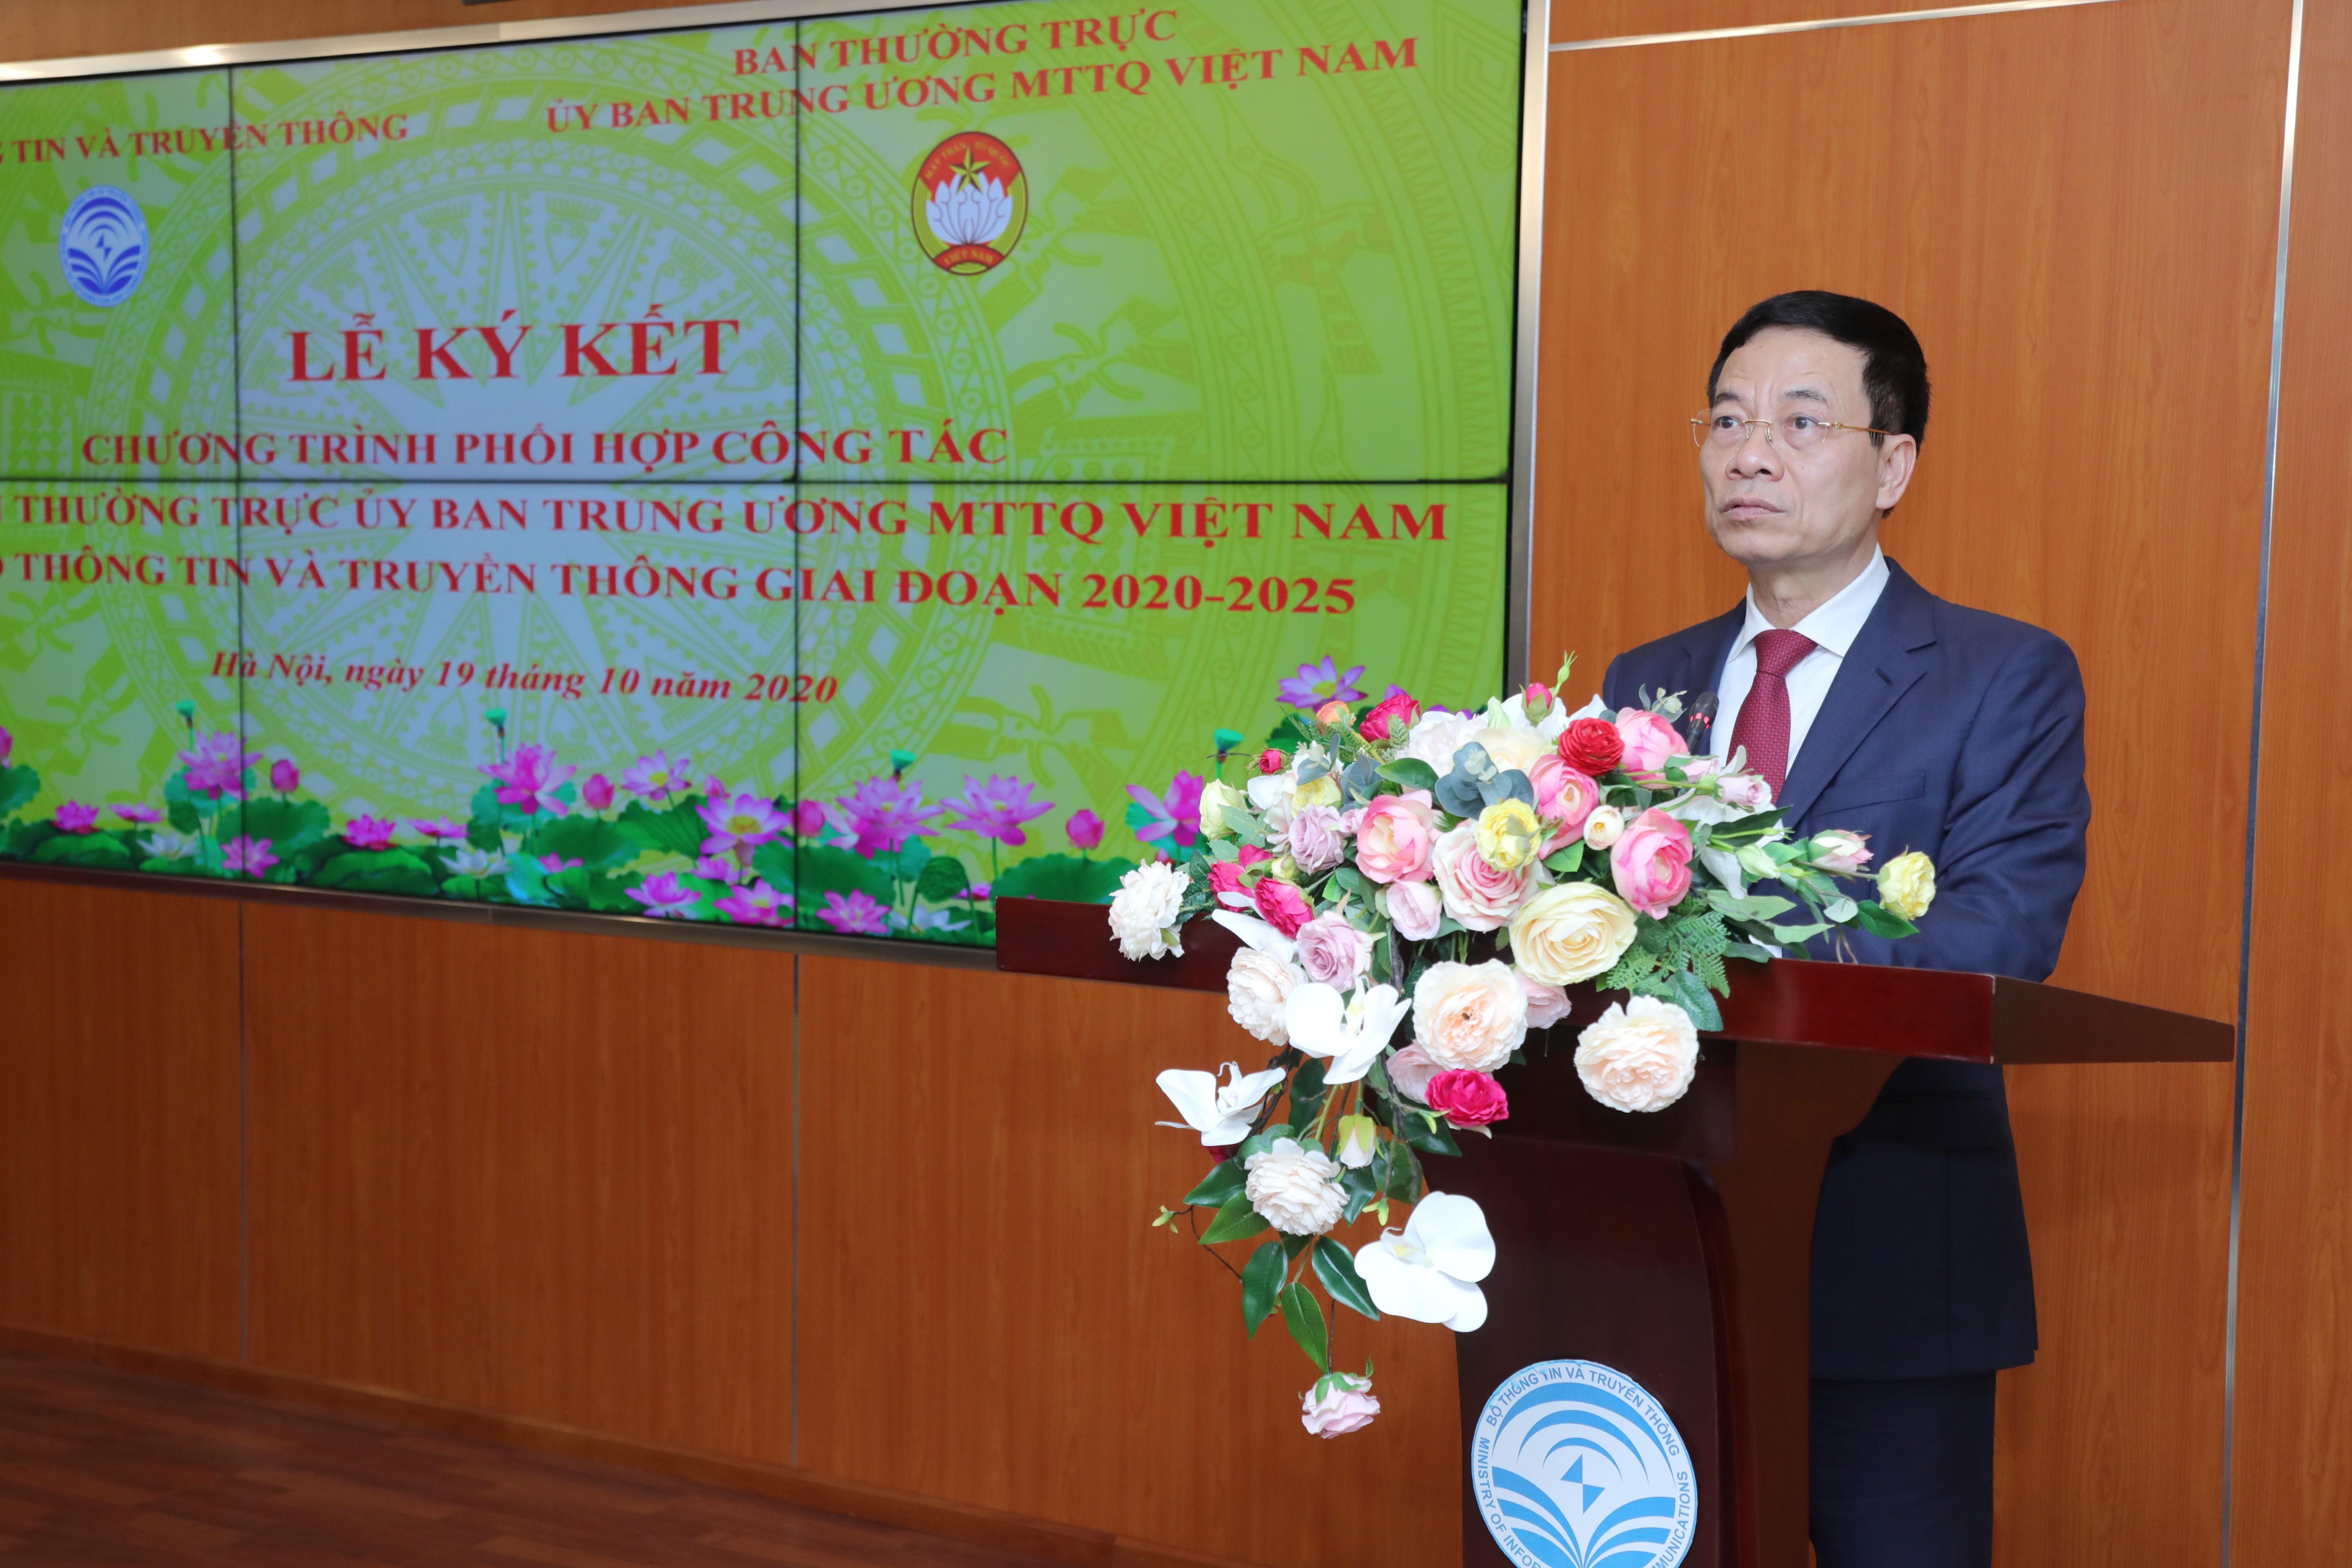 Bộ trưởng Bộ TT&TT Nguyễn Mạnh Hùng phát biểu tại buổi lễ.Ảnh: Quang Vinh.